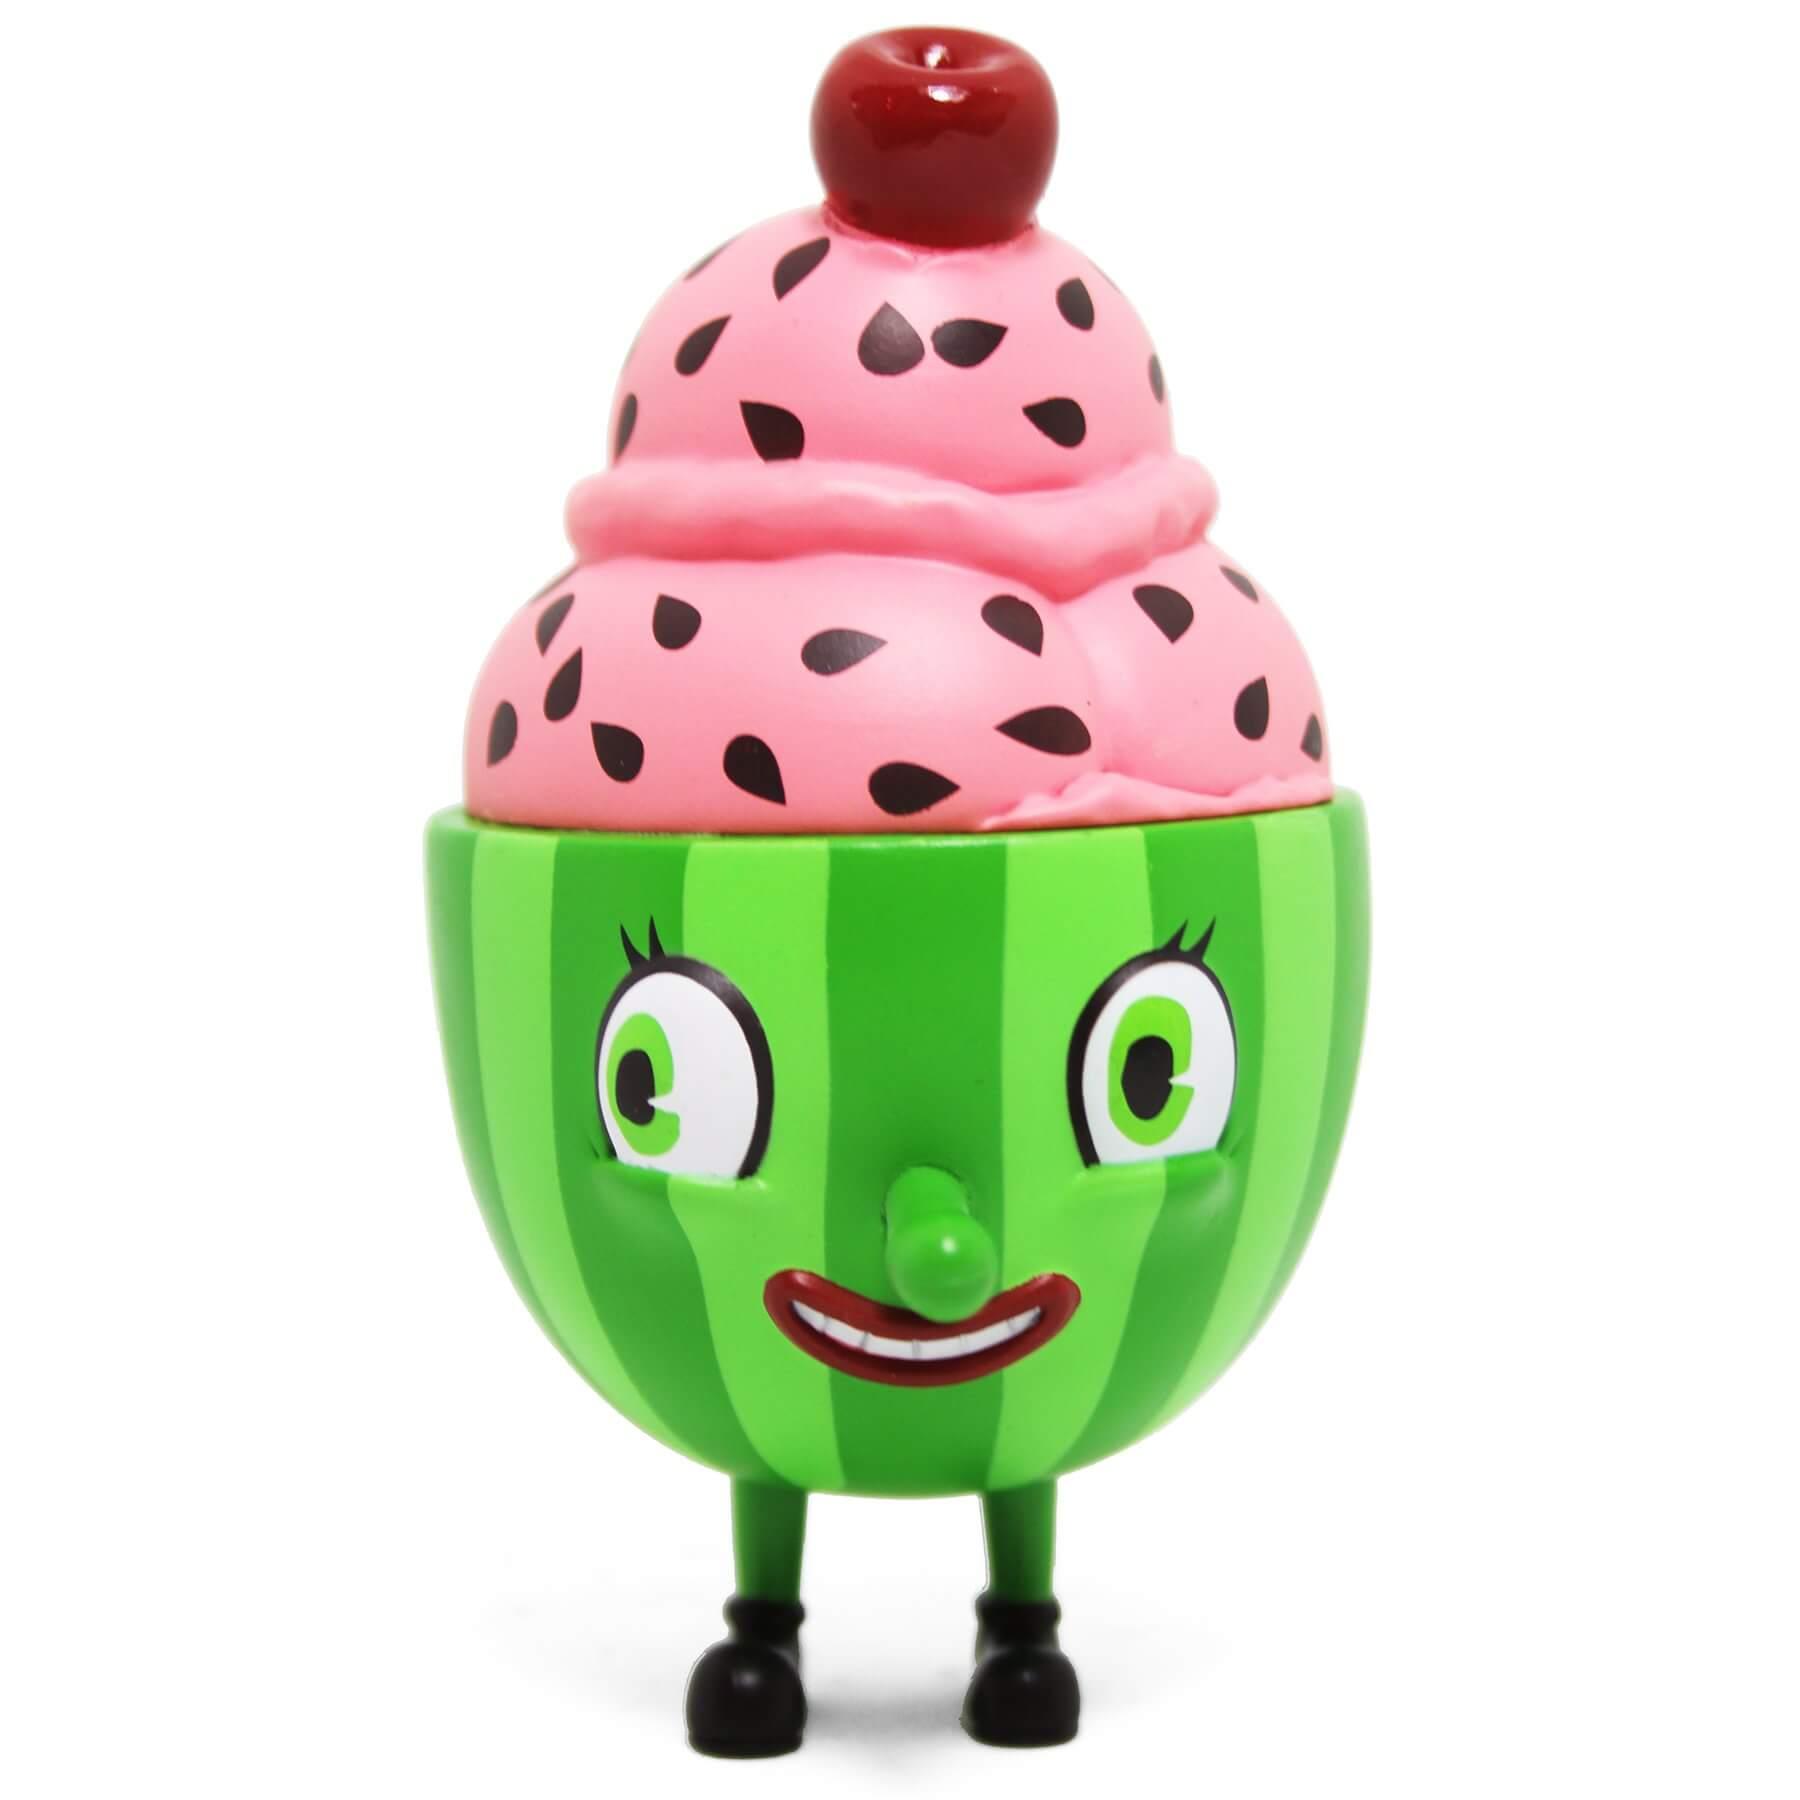 scoopy_watermelon_f29ce496-7061-4ea9-8257-30a92dbe40e5_1800x1800